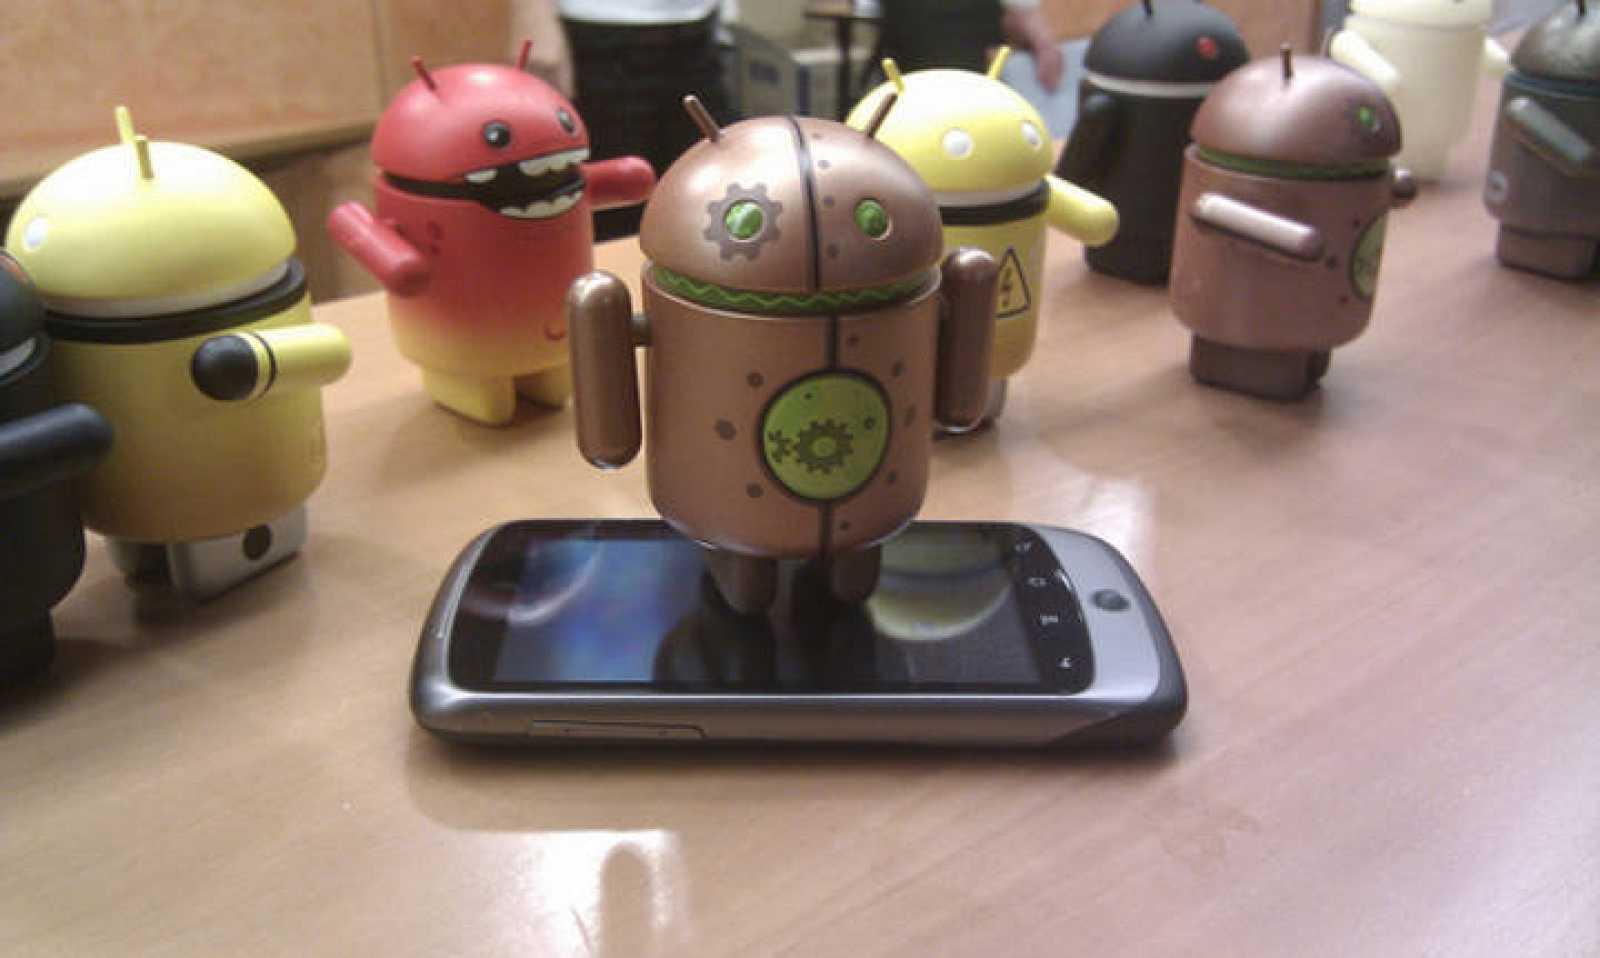 Las aplicaciones maliciosas se han multiplicado contra Android y han demostrado la vulnerabilidad del sistema